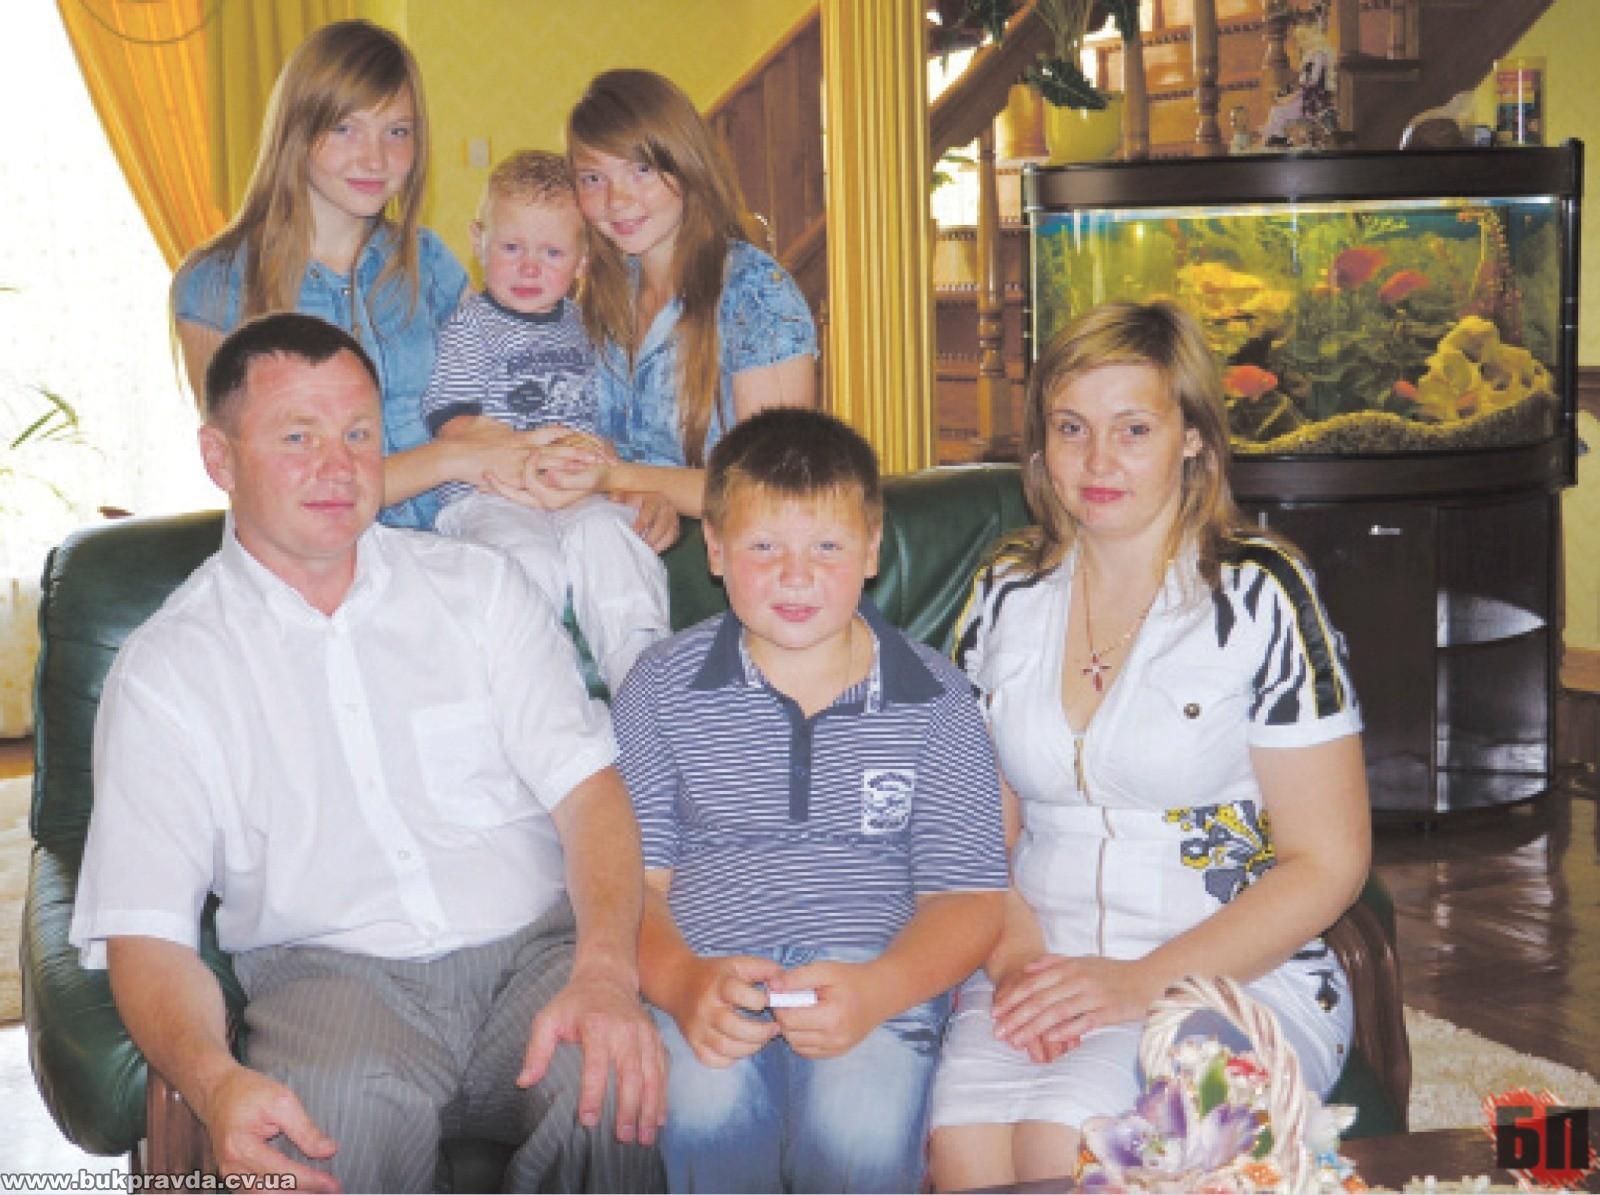 Іван Семенюк в родинному колі